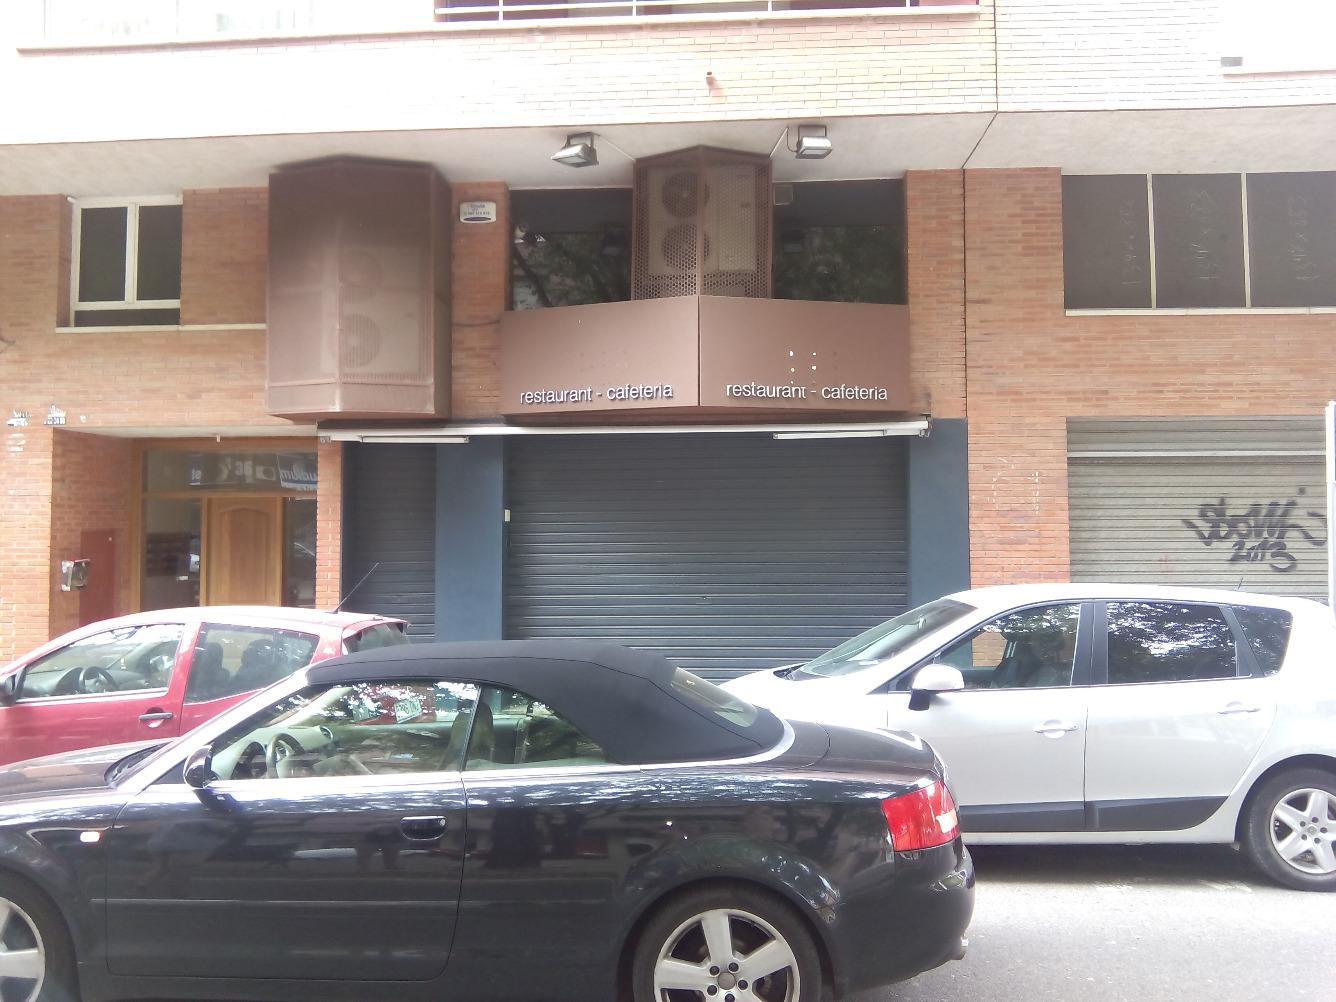 Traspaso Local Comercial  Cappont bar restaurante -pizzeria en calle principal en traspaso. Bar restaurante- pizzeria en traspaso en calle principal de cap